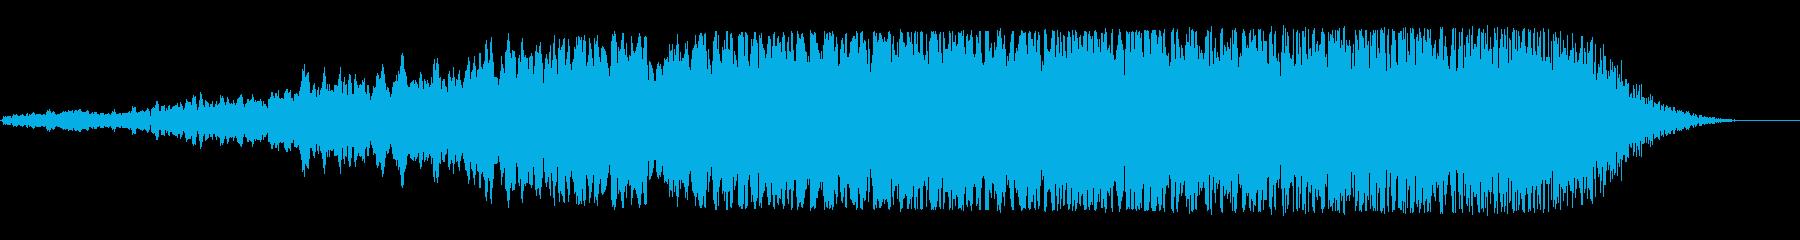 宇宙船通過(高音・尻上り・クリアー音質)の再生済みの波形